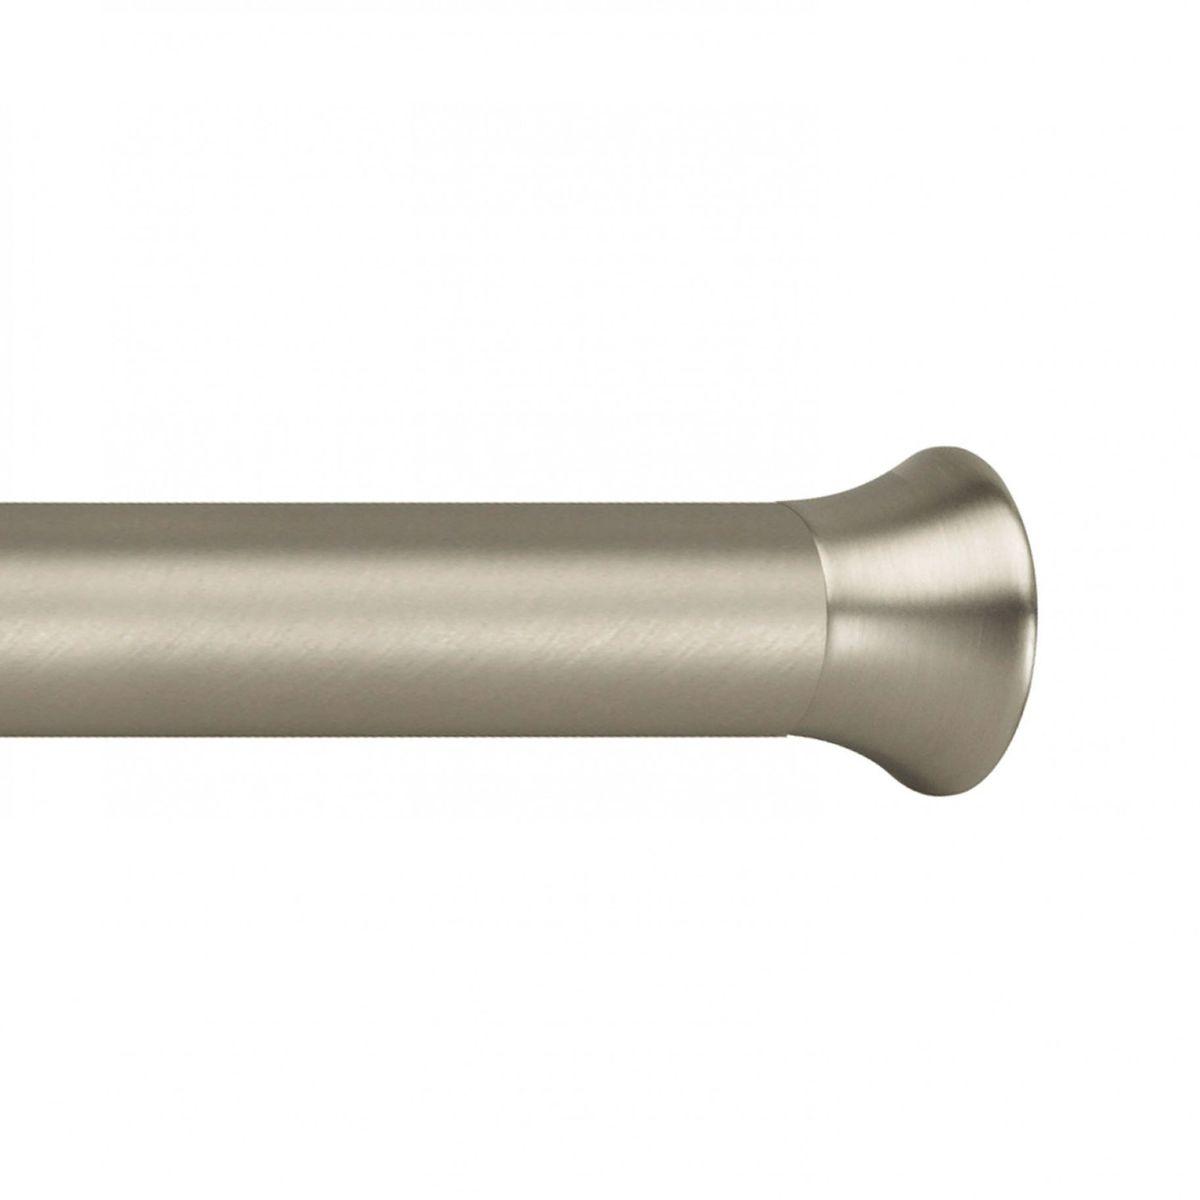 Карниз Umbra Chroma (137-229 см) никель. 244925-410244925-410Необычное решение для драпировки окон: карниз Chroma крепится внутри оконной рамы и использует это давление для того, чтобы держать ваши шторы - поэтому не понадобится креплений, гвоздей и сверления! Телескопическая конструкция позволяет регулировать длину. Диаметр 2,2 см.